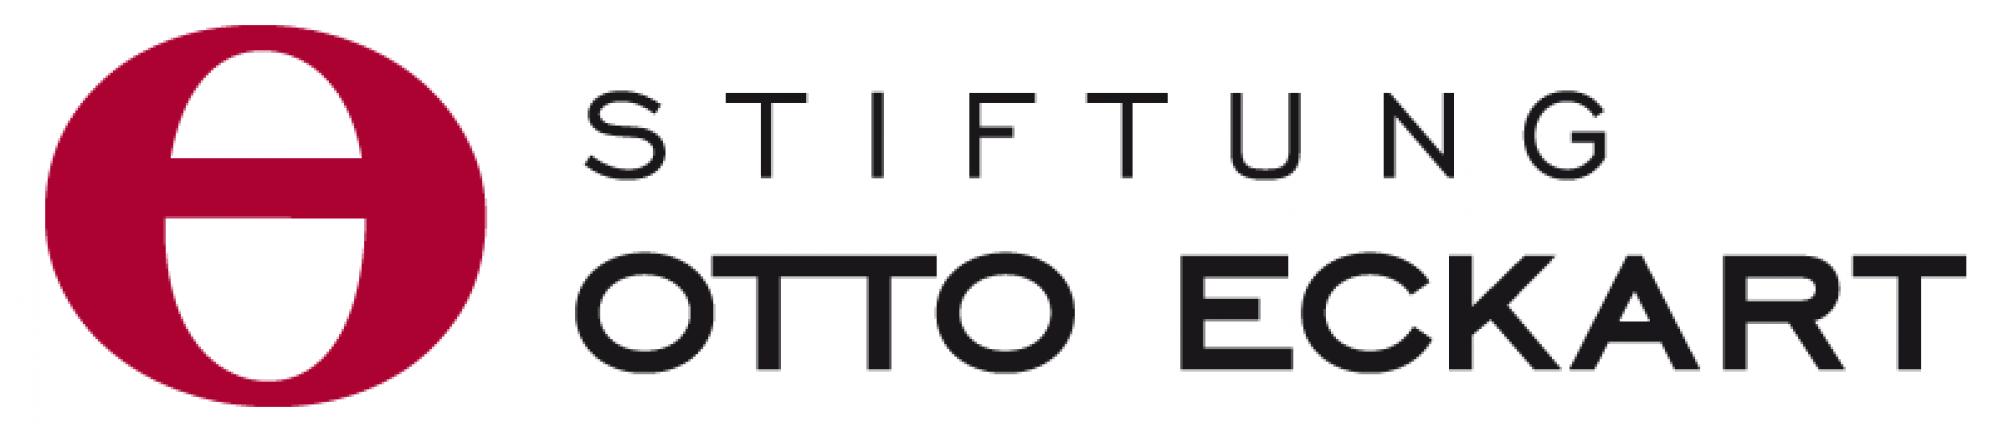 Stiftung Otto Eckart